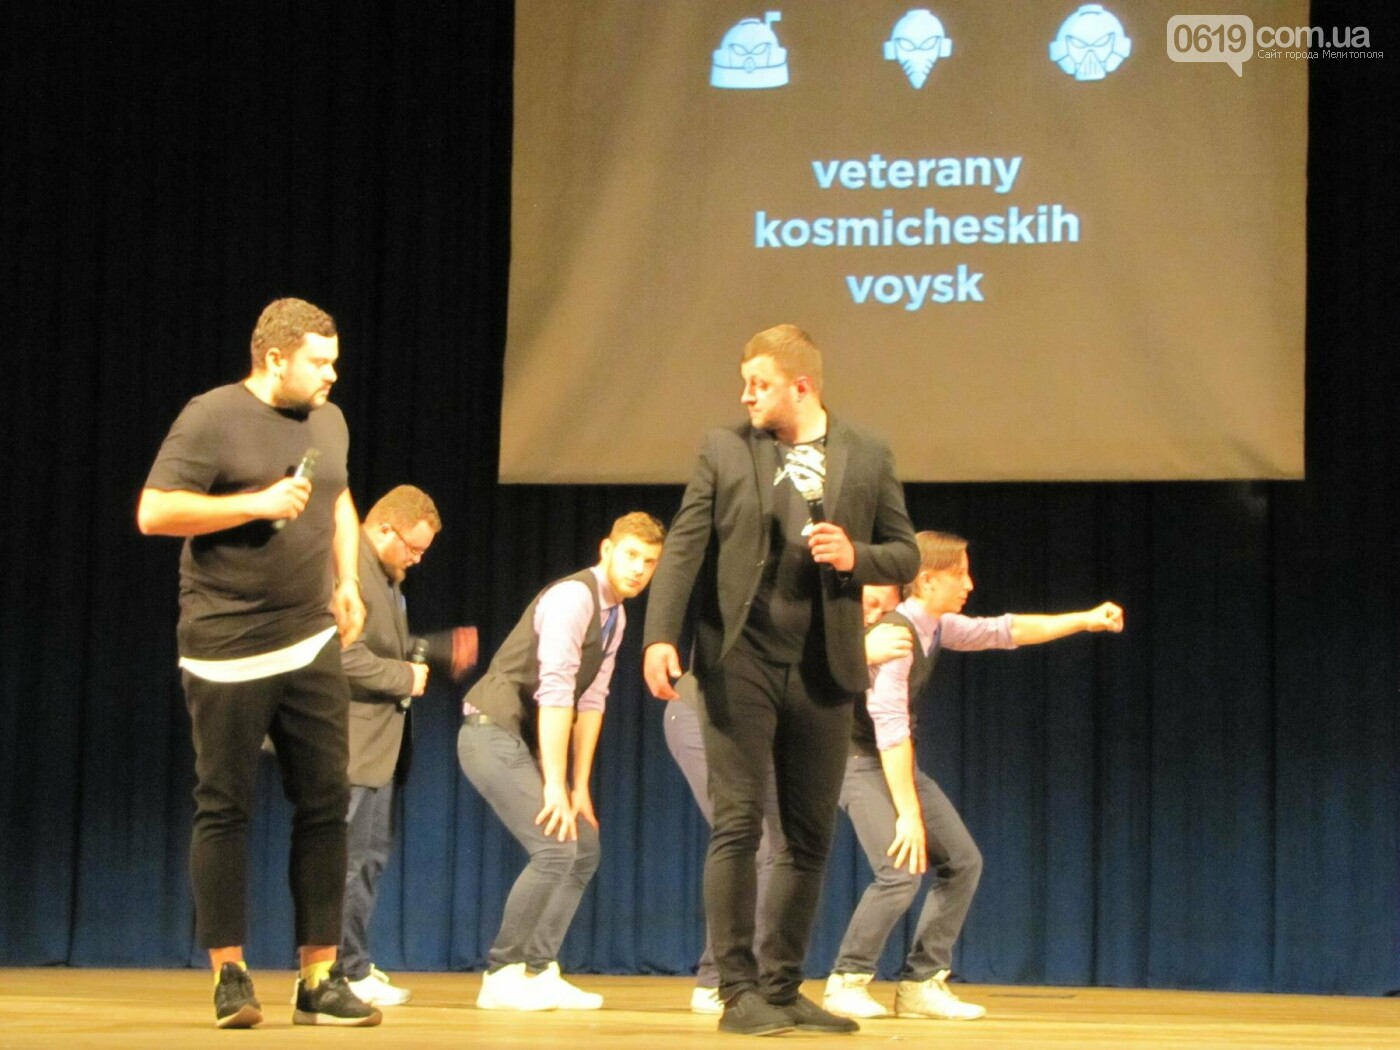 """Звезды """"Лиги смеха"""" выступили на одной сцене с мелитопольскими студентами , фото-12"""